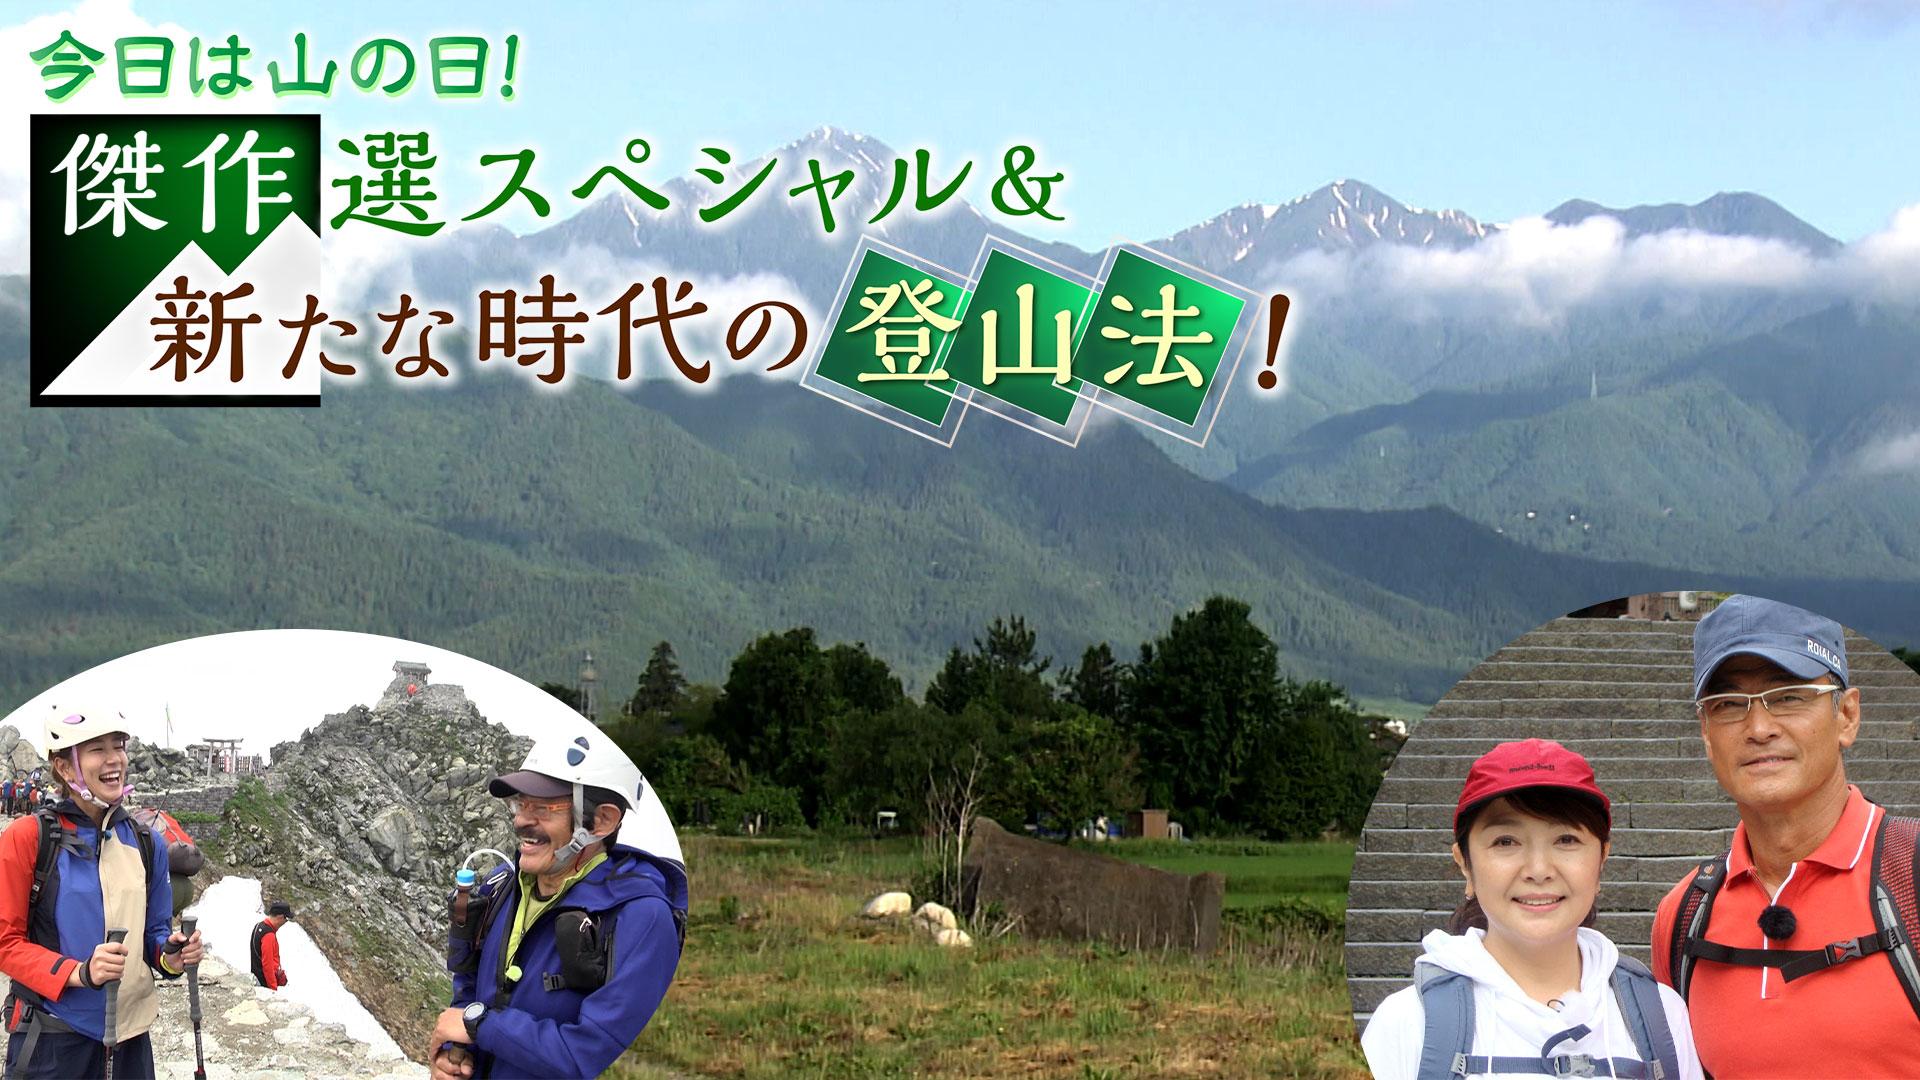 今日は山の日!傑作選スペシャル&新たな時代の登山法!